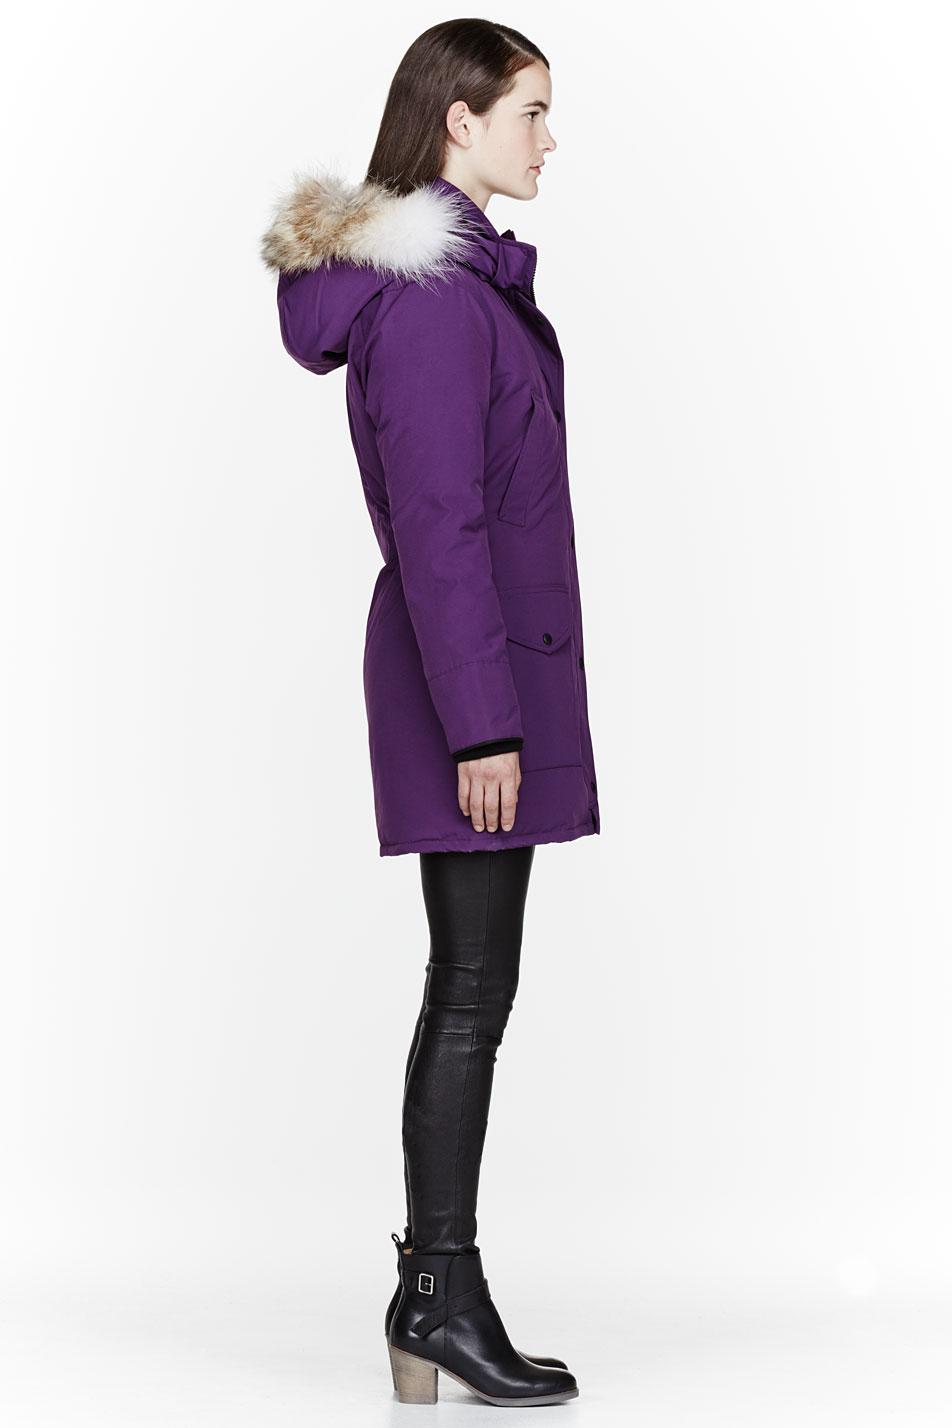 Canada Goose victoria parka replica price - Canada goose Purple Down and Fur Trillium Parka in Purple | Lyst